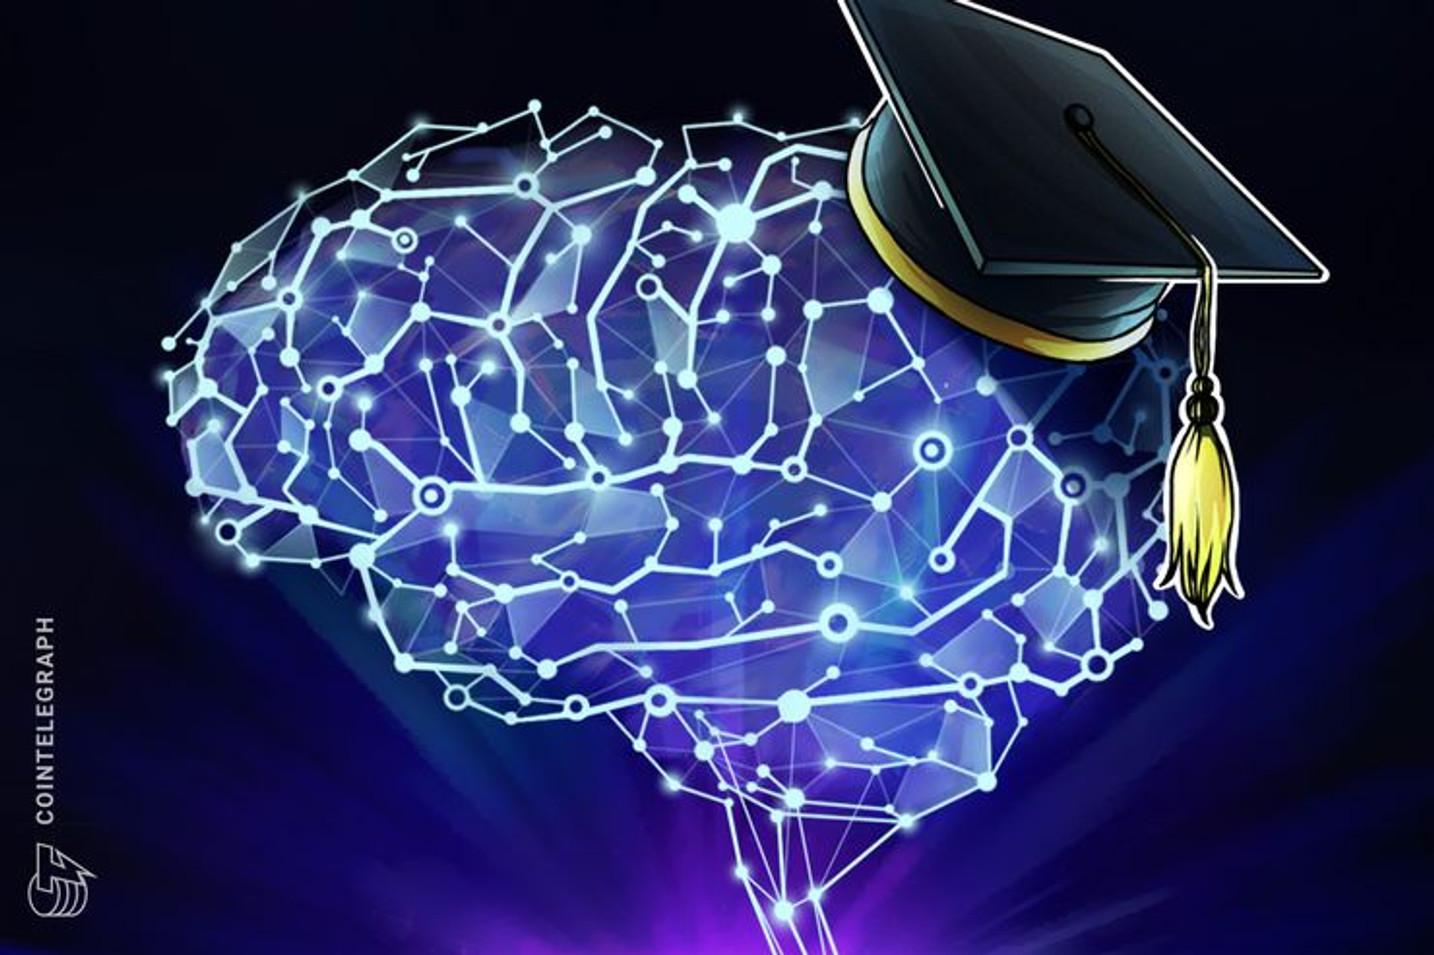 México: La Universidad de Guadalajara implementa tecnología blockchain